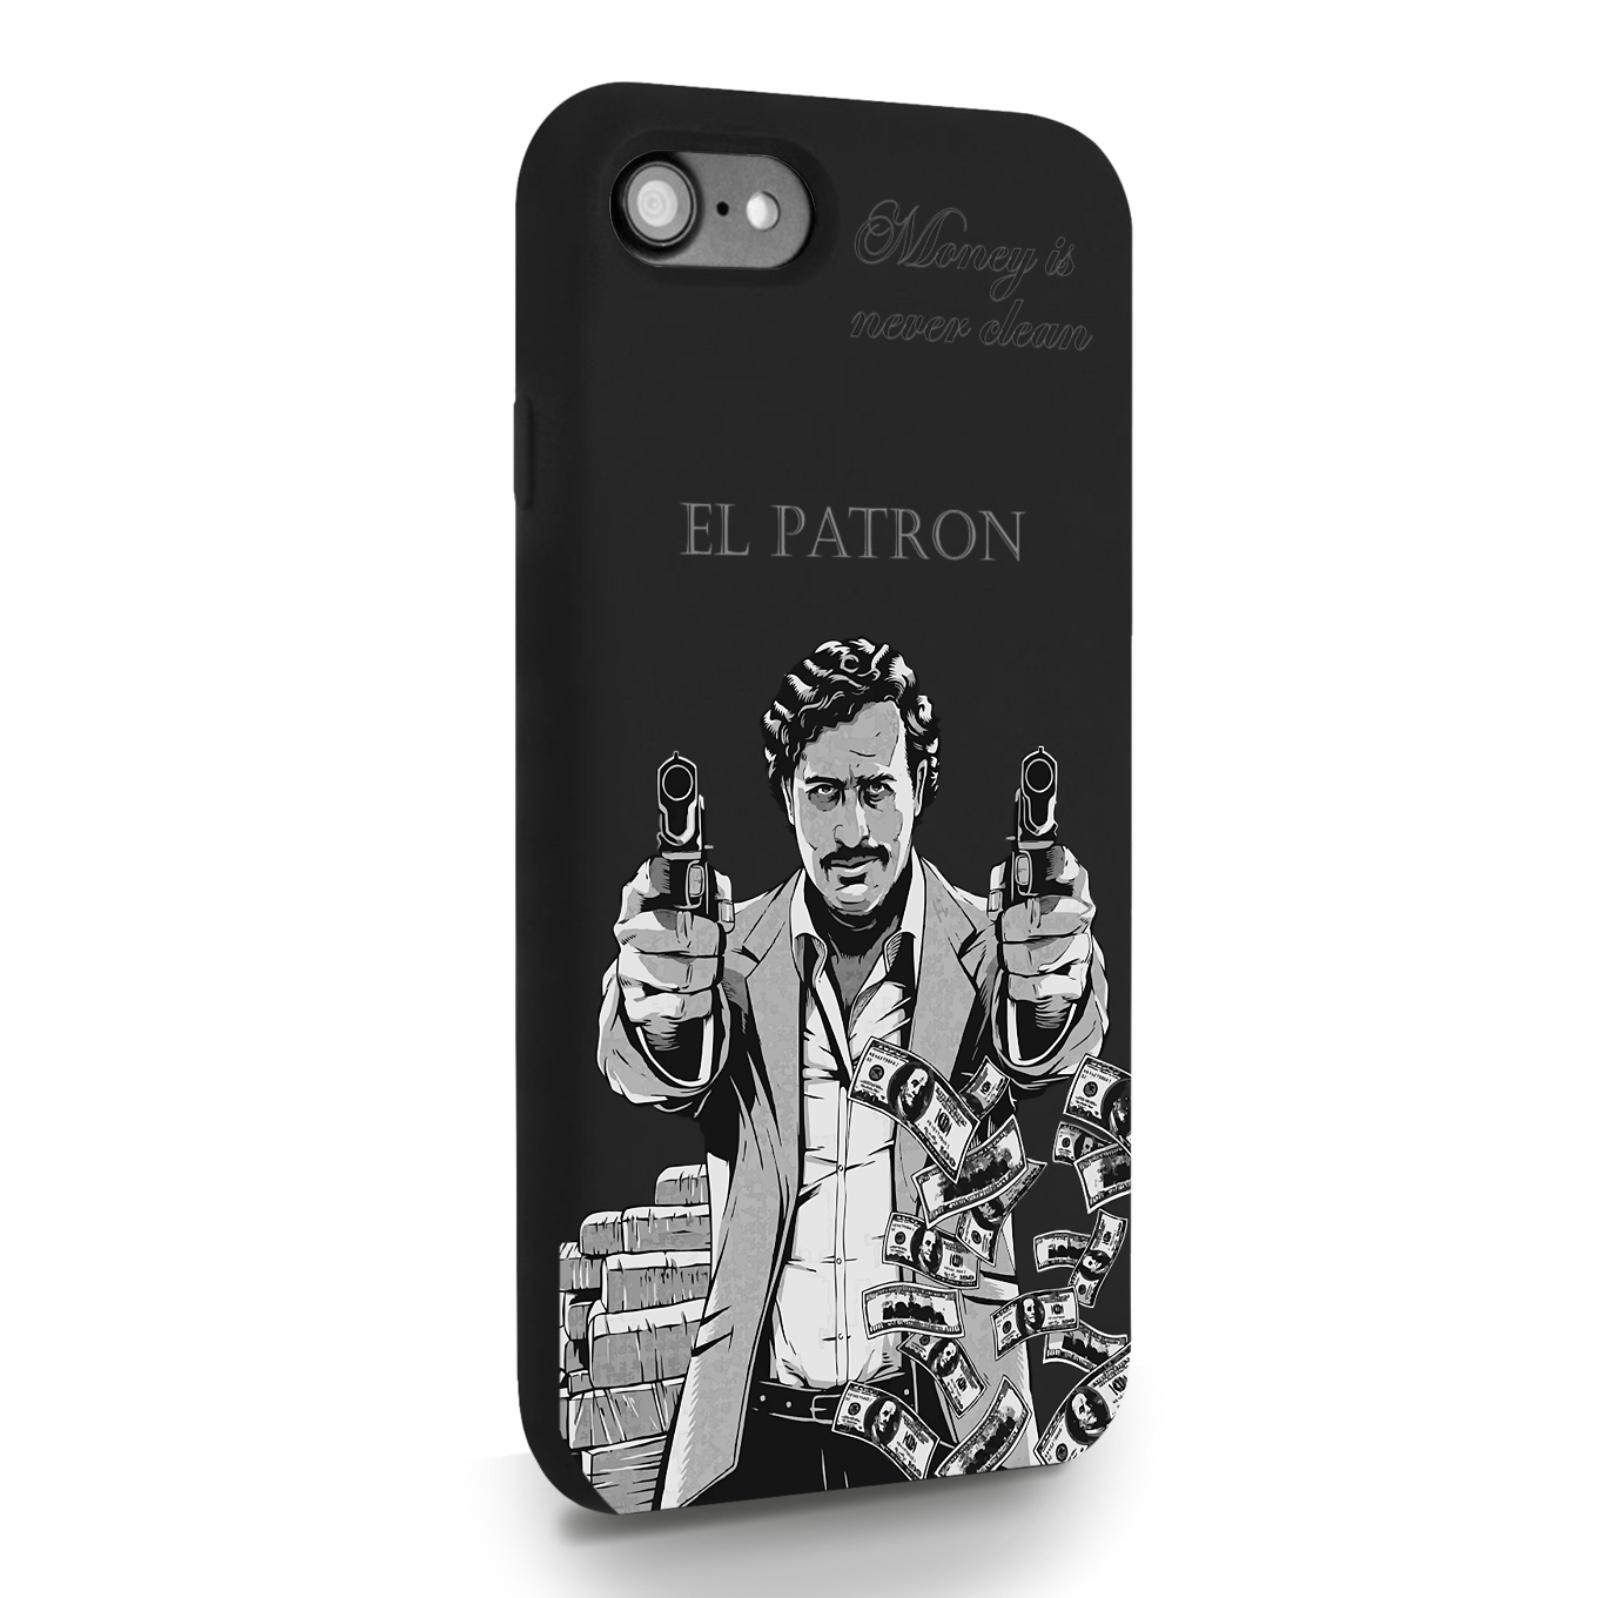 Черный силиконовый чехол для iPhone 7/8/SE2020 El Patron Pablo Escobar Пабло Эскобар для Айфон 7/8/СЕ2020